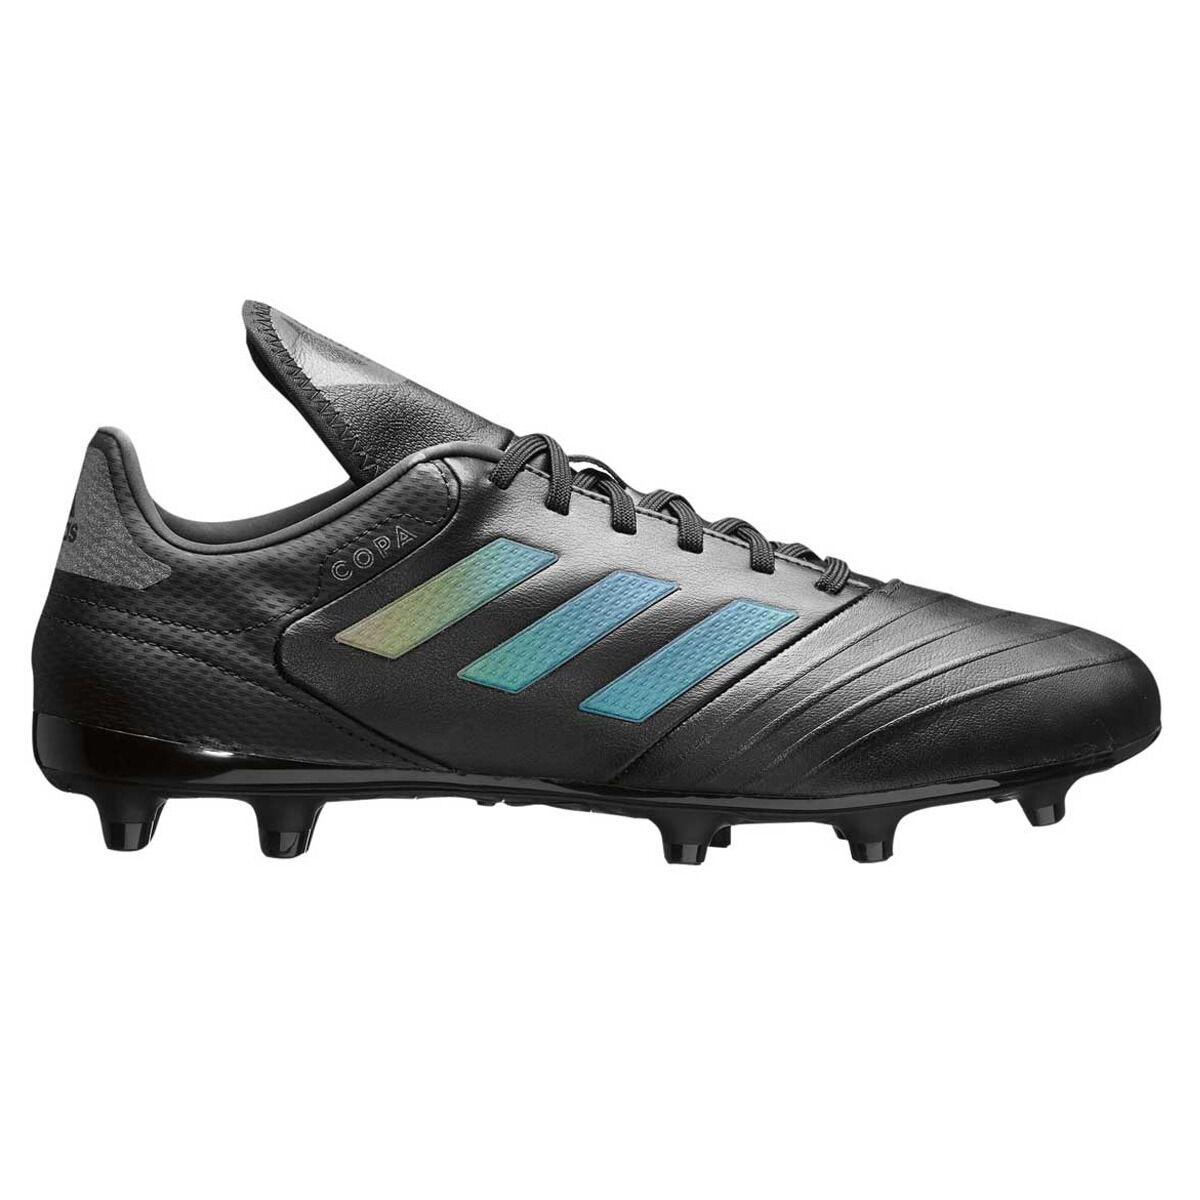 52b6cb96a7b adidas mens copa 18.2 fg soccer cleats  adidas copa 18.2 fg mens football  boots black us 7 adult black rebelhi